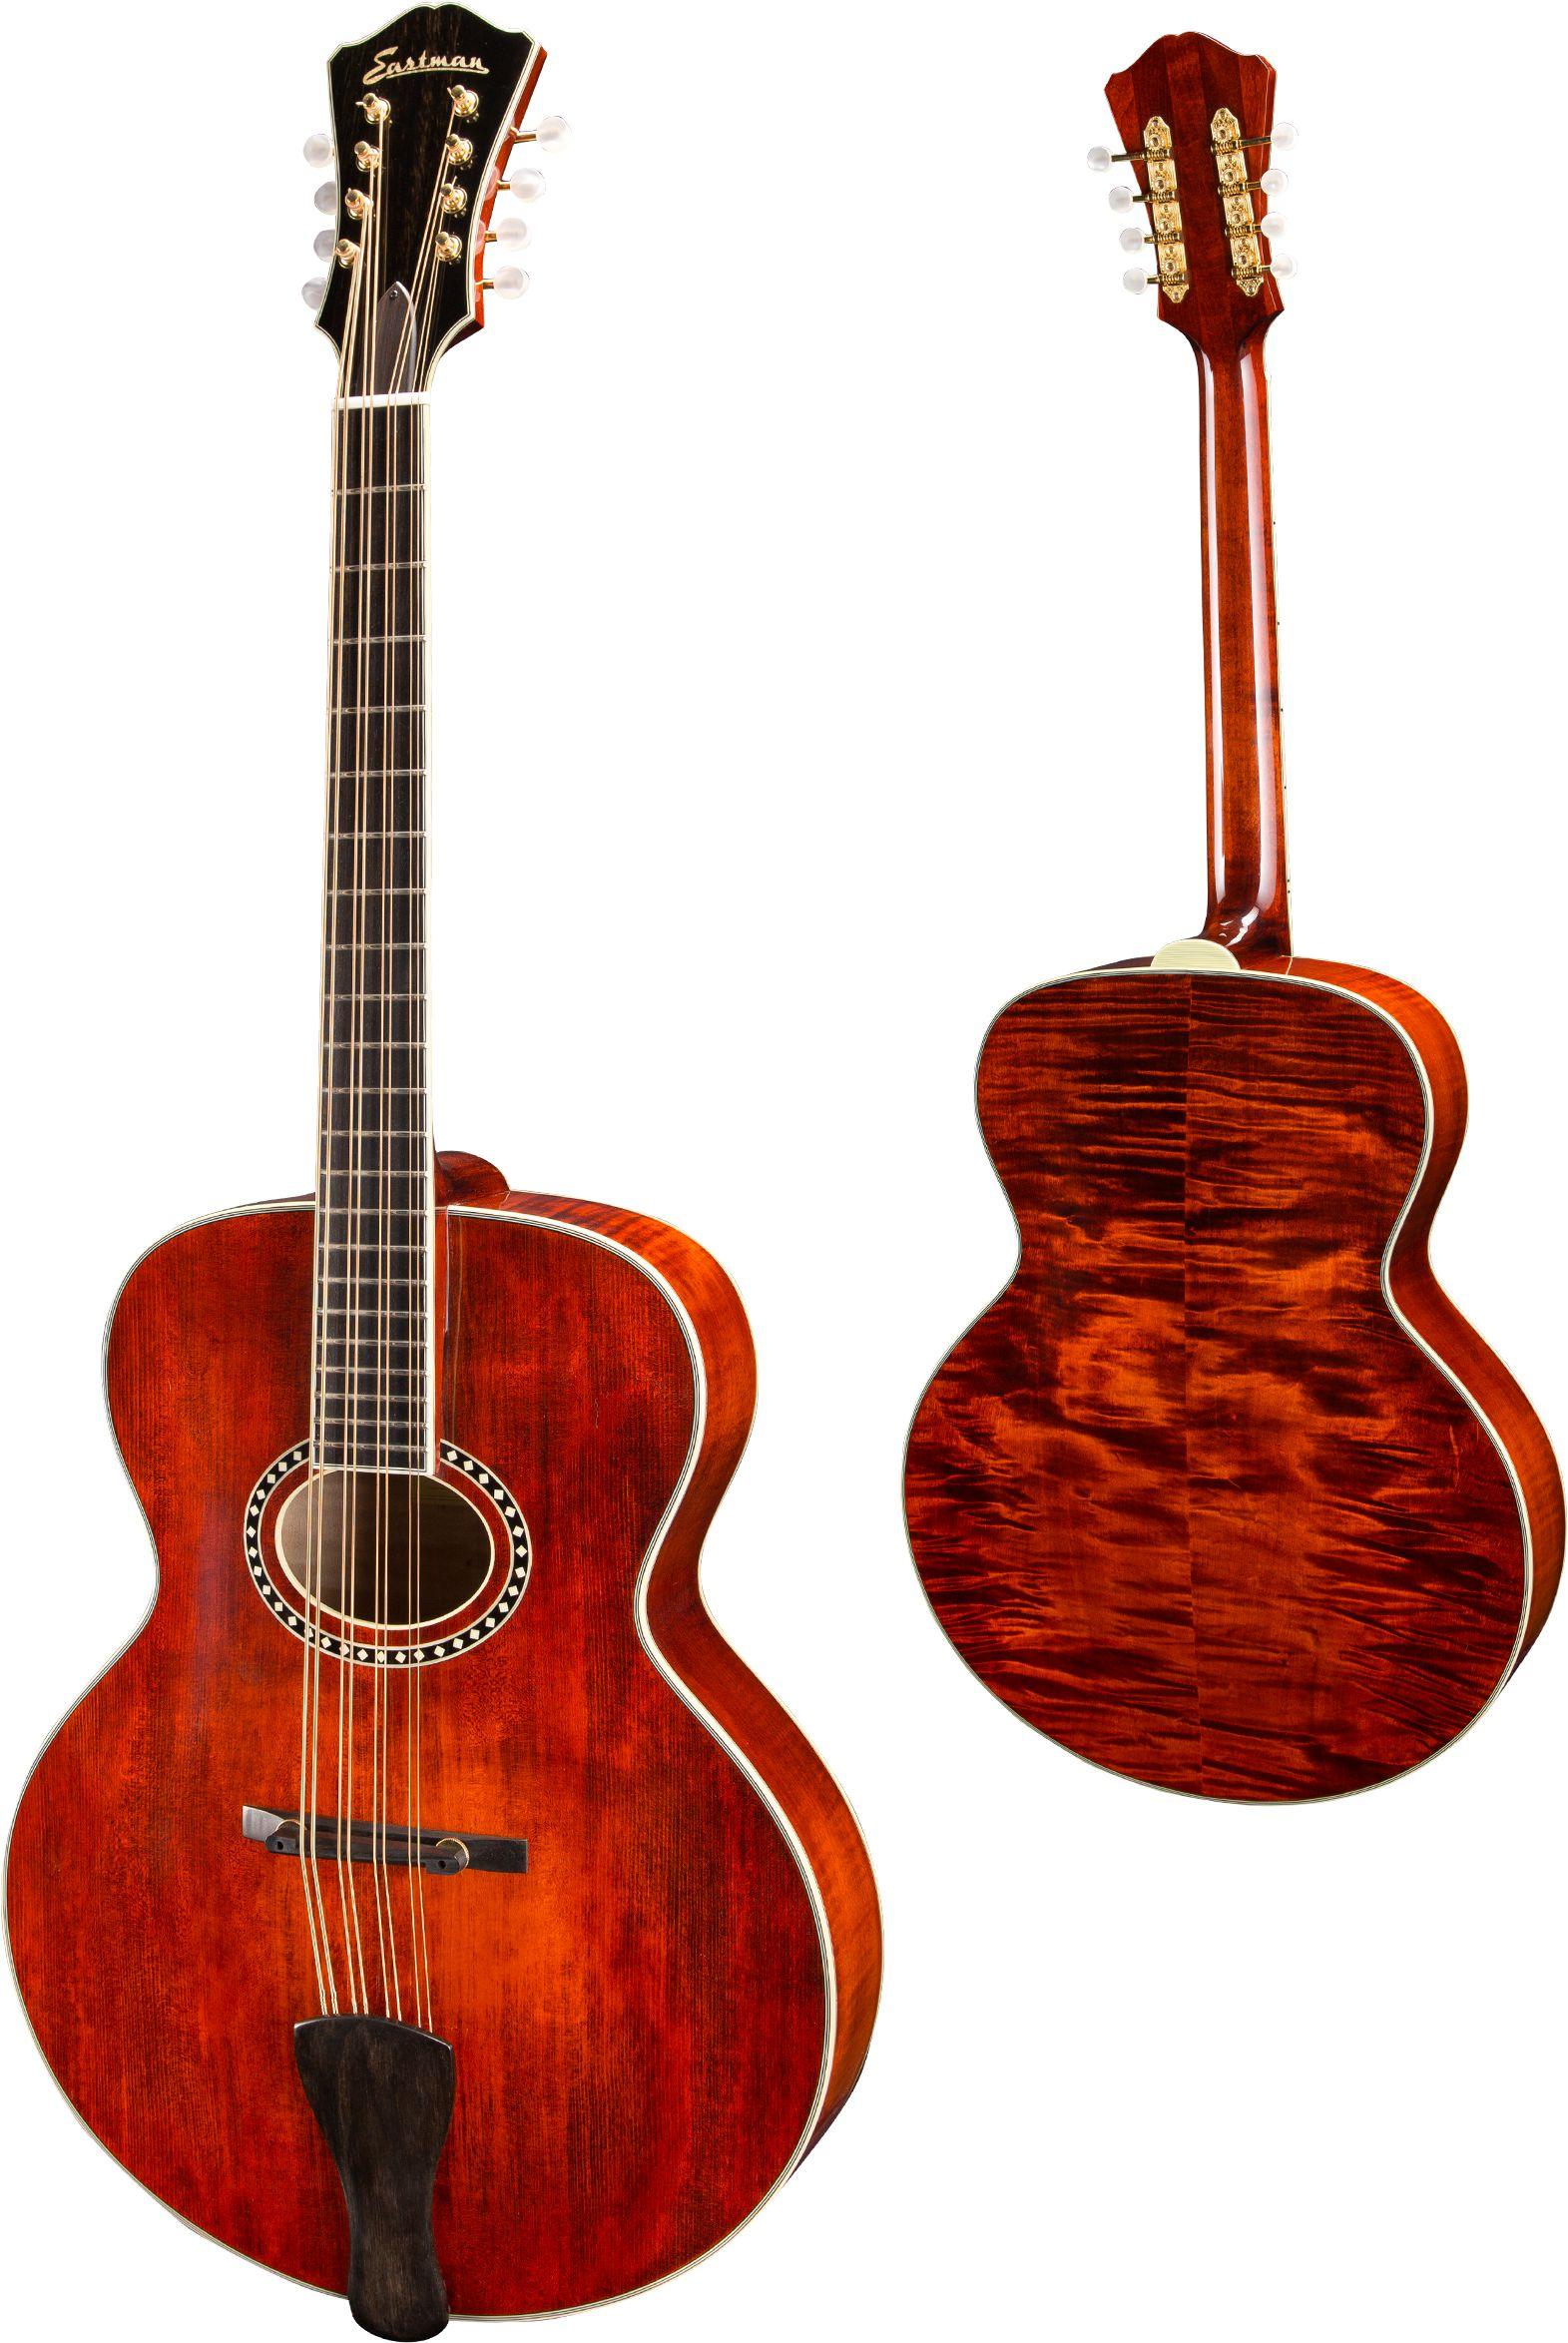 Mandolin - Cousins - Eastman Guitars